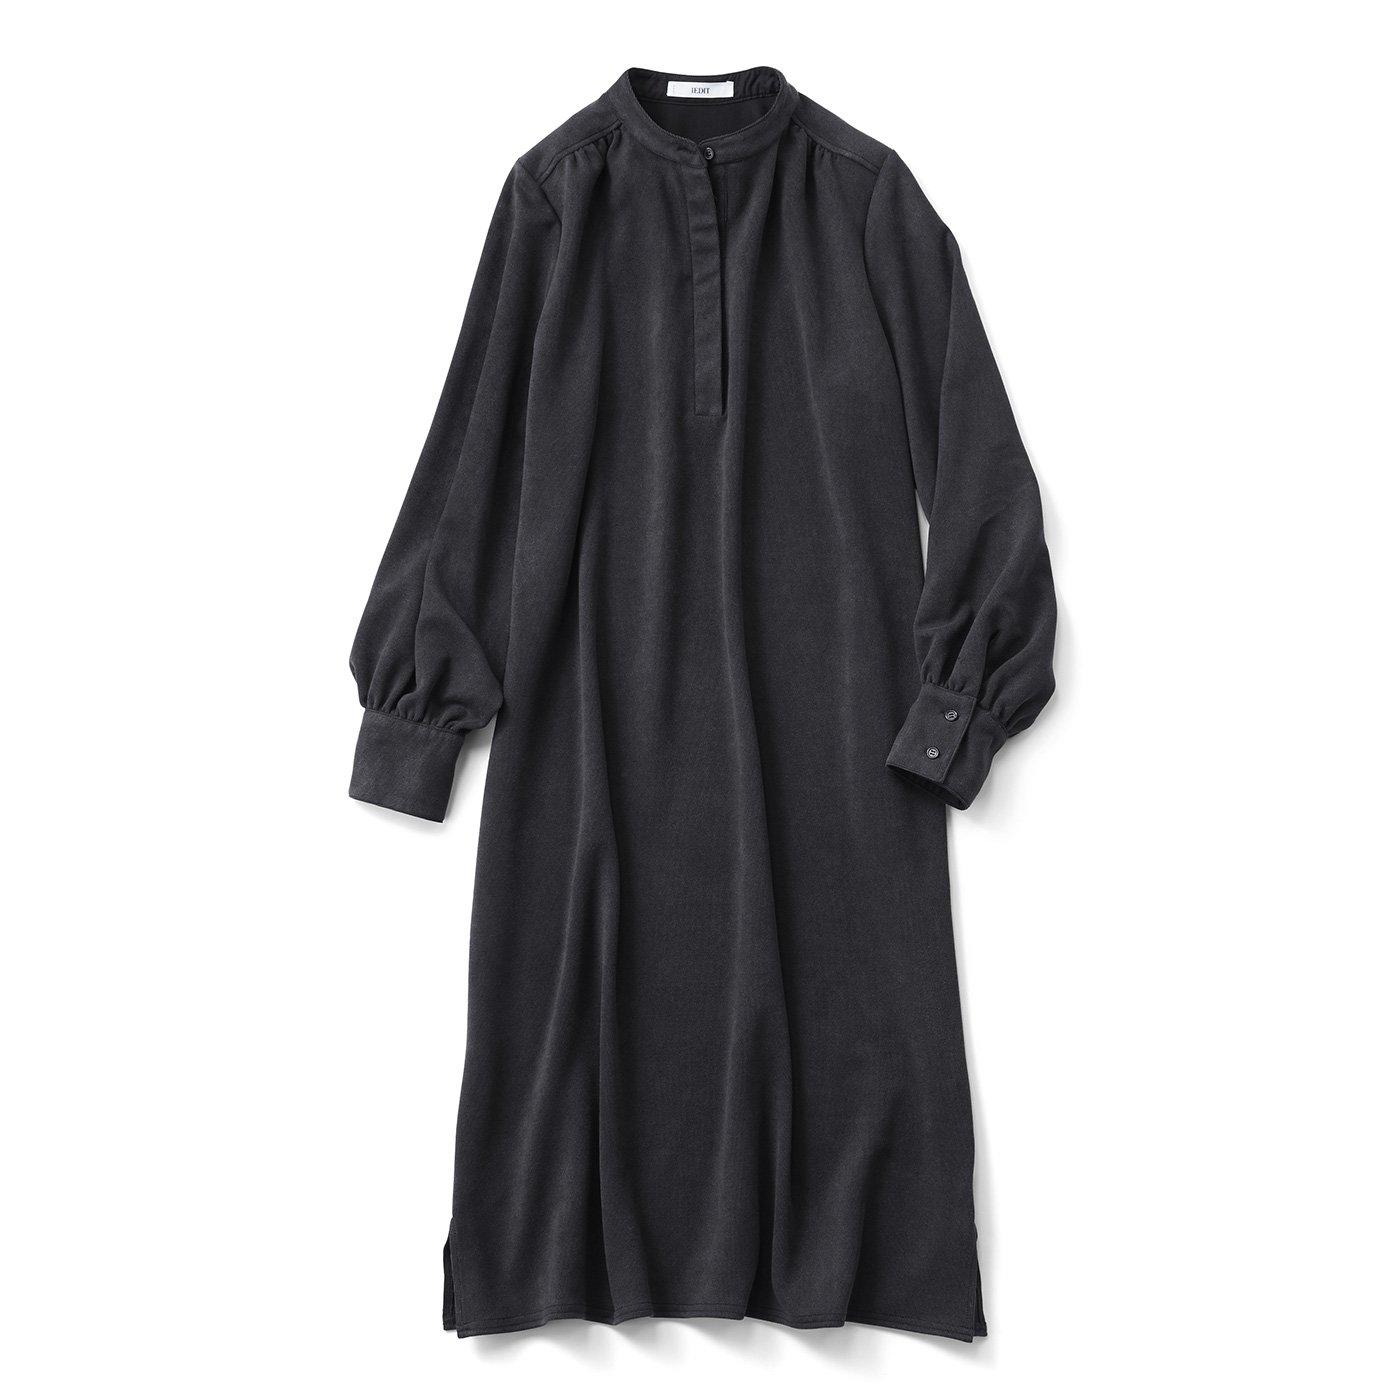 IEDIT[イディット] 伸びやかな着心地 カットソーコーデュロイのシャツワンピース〈ブラック〉